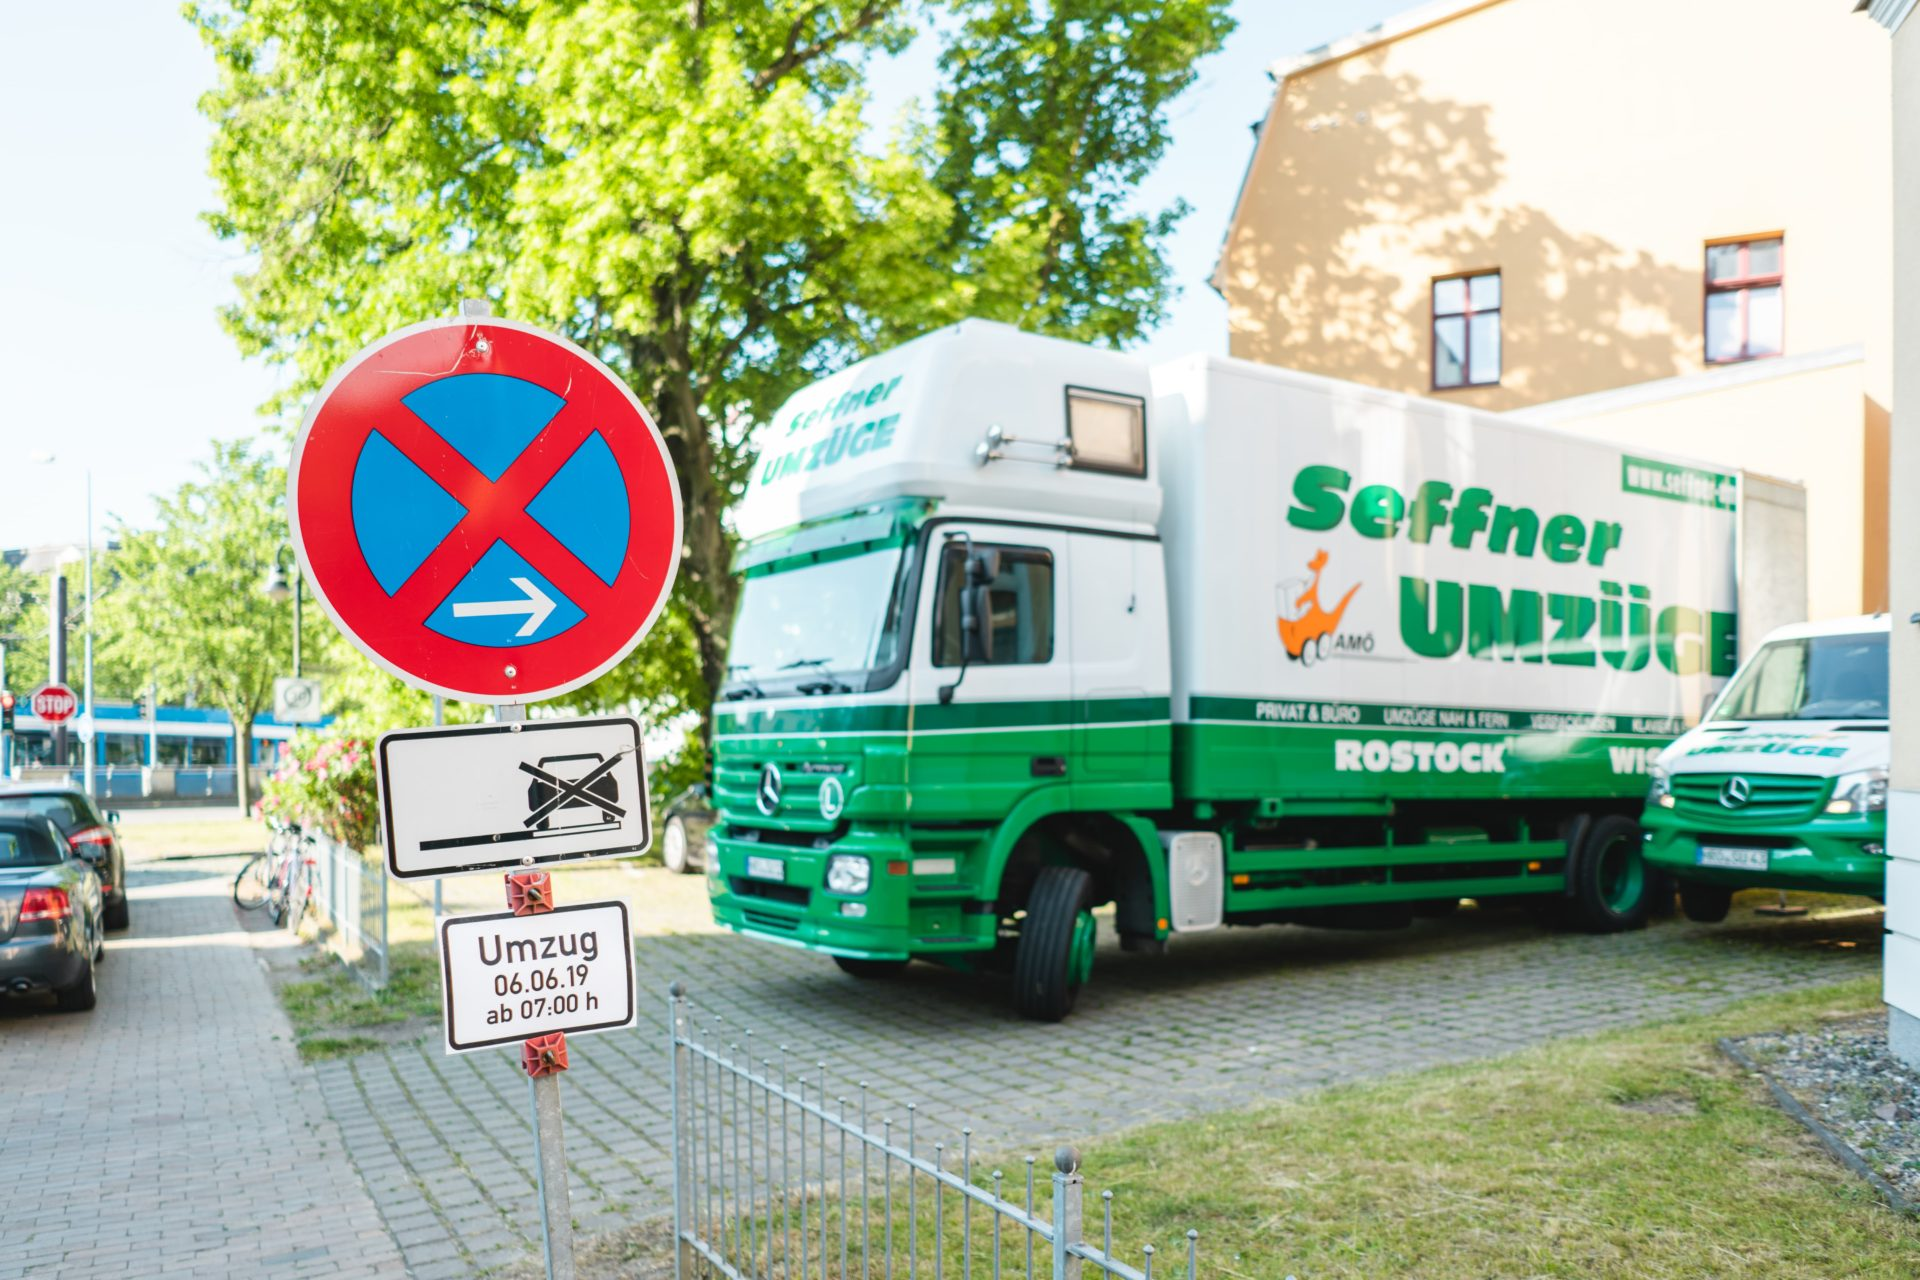 Umzugswagen in Halteverbotszone Seffner Umzüge